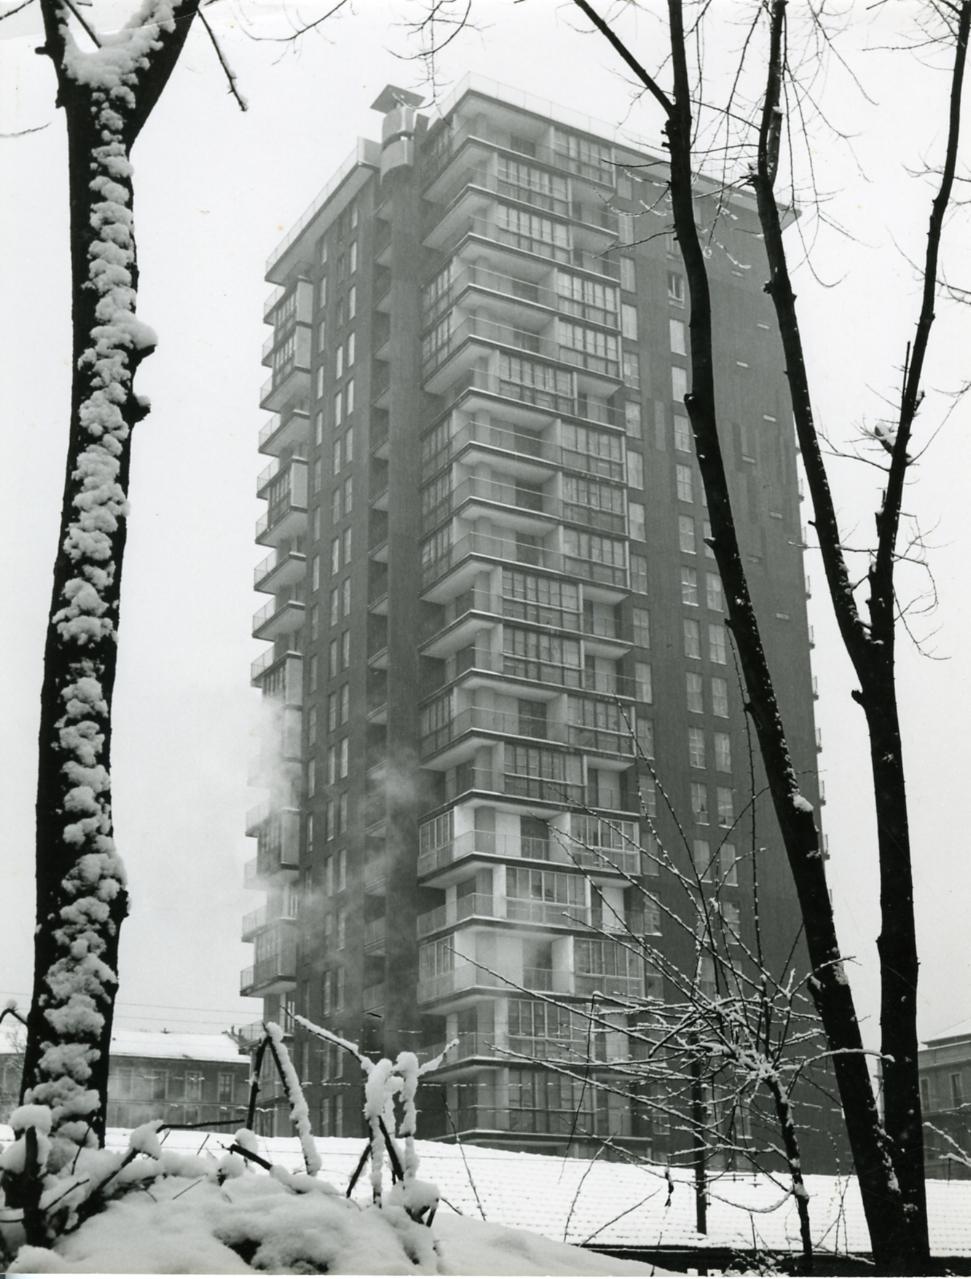 Torre al parco in via revere wikipedia for Via magistretti milano